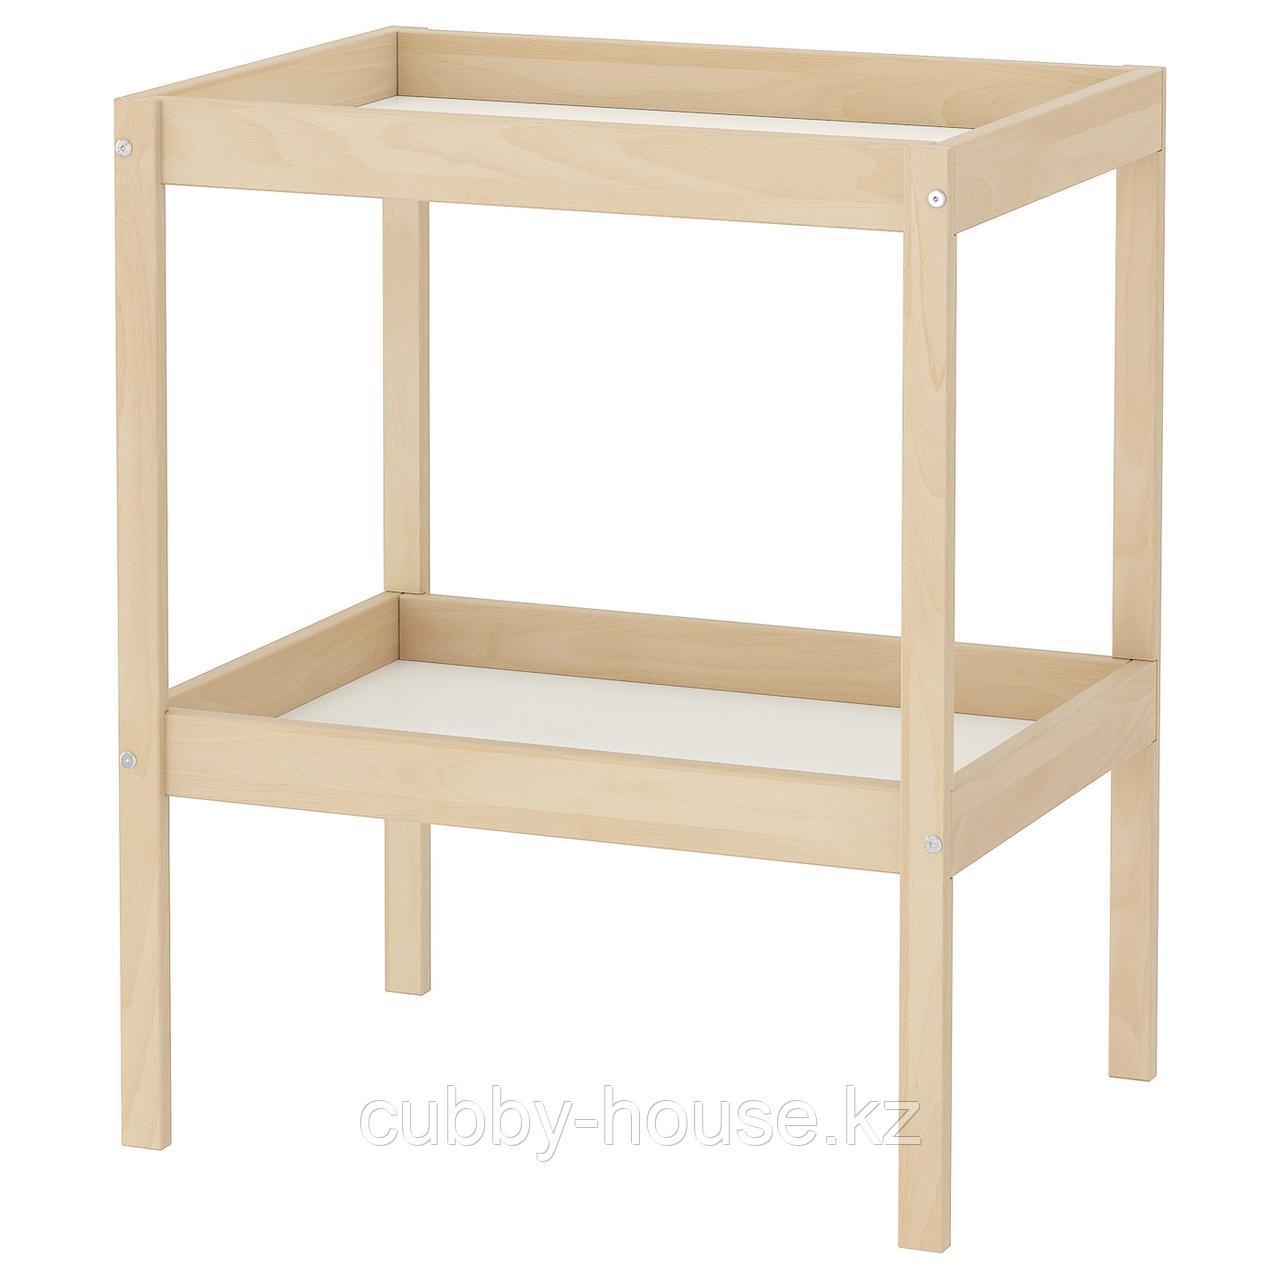 СНИГЛАР Пеленальный стол, бук, белый, 72x53 см